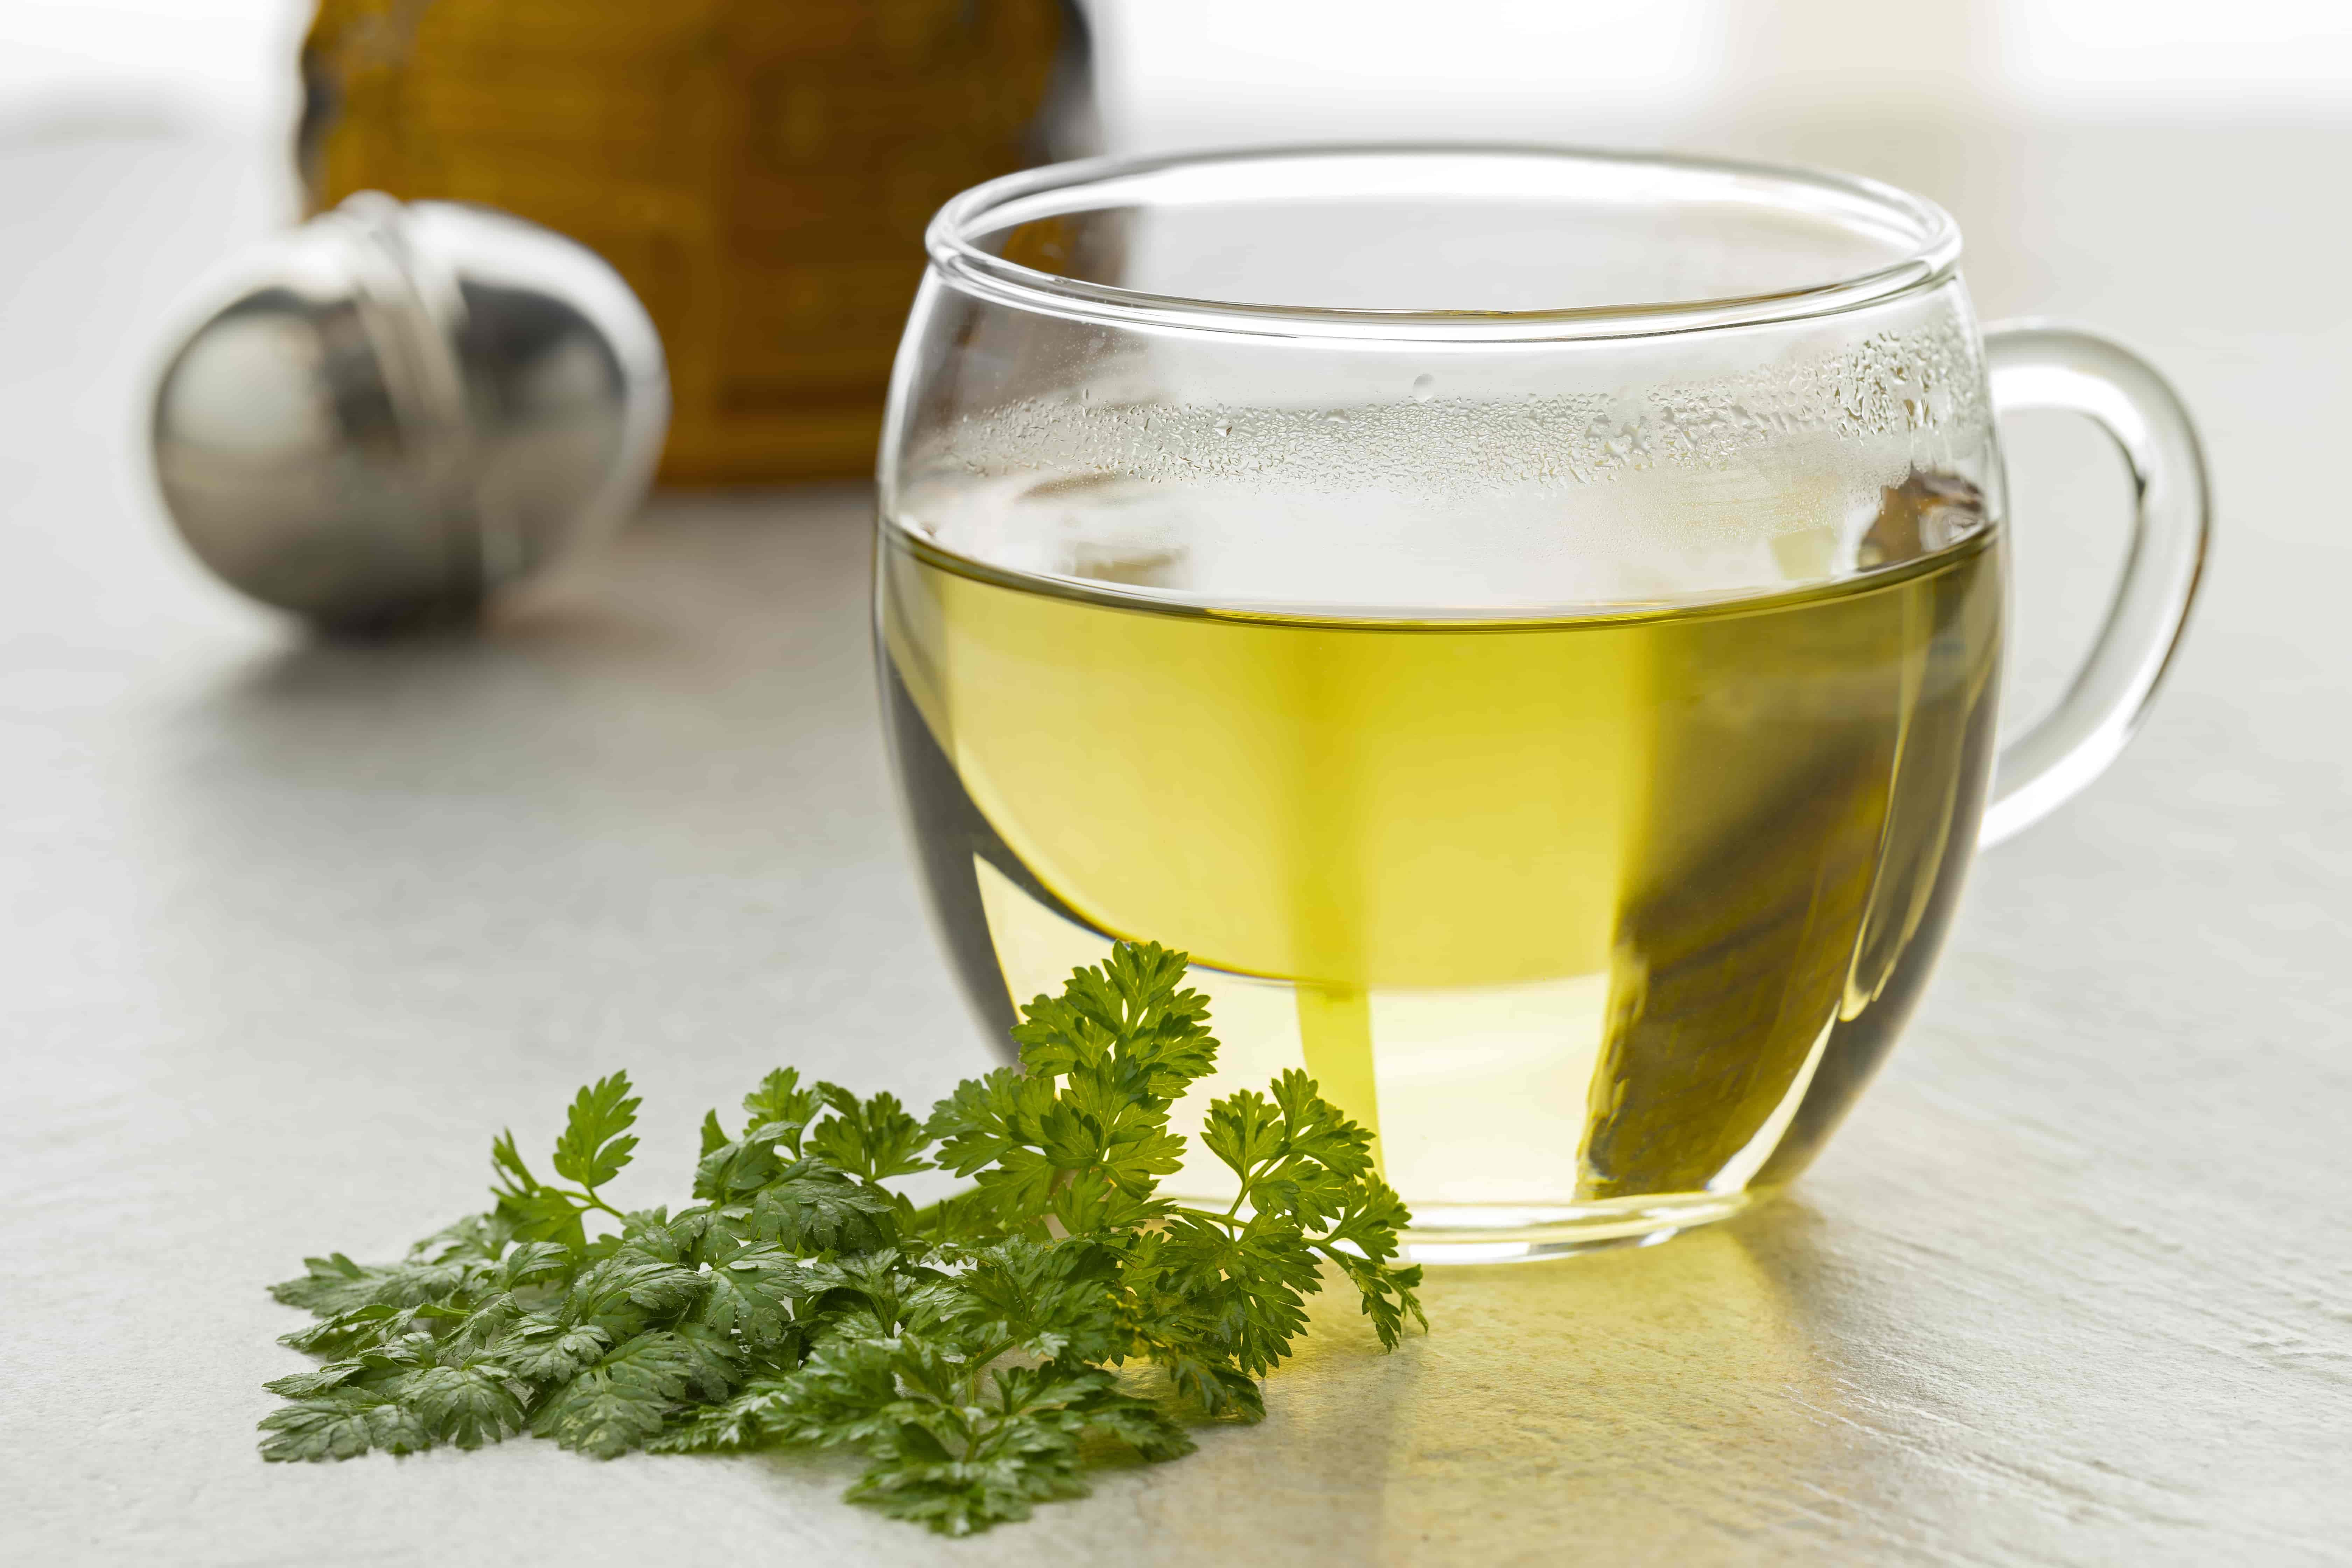 Петрушка полезные свойства и противопоказания. Какие витамины содержит